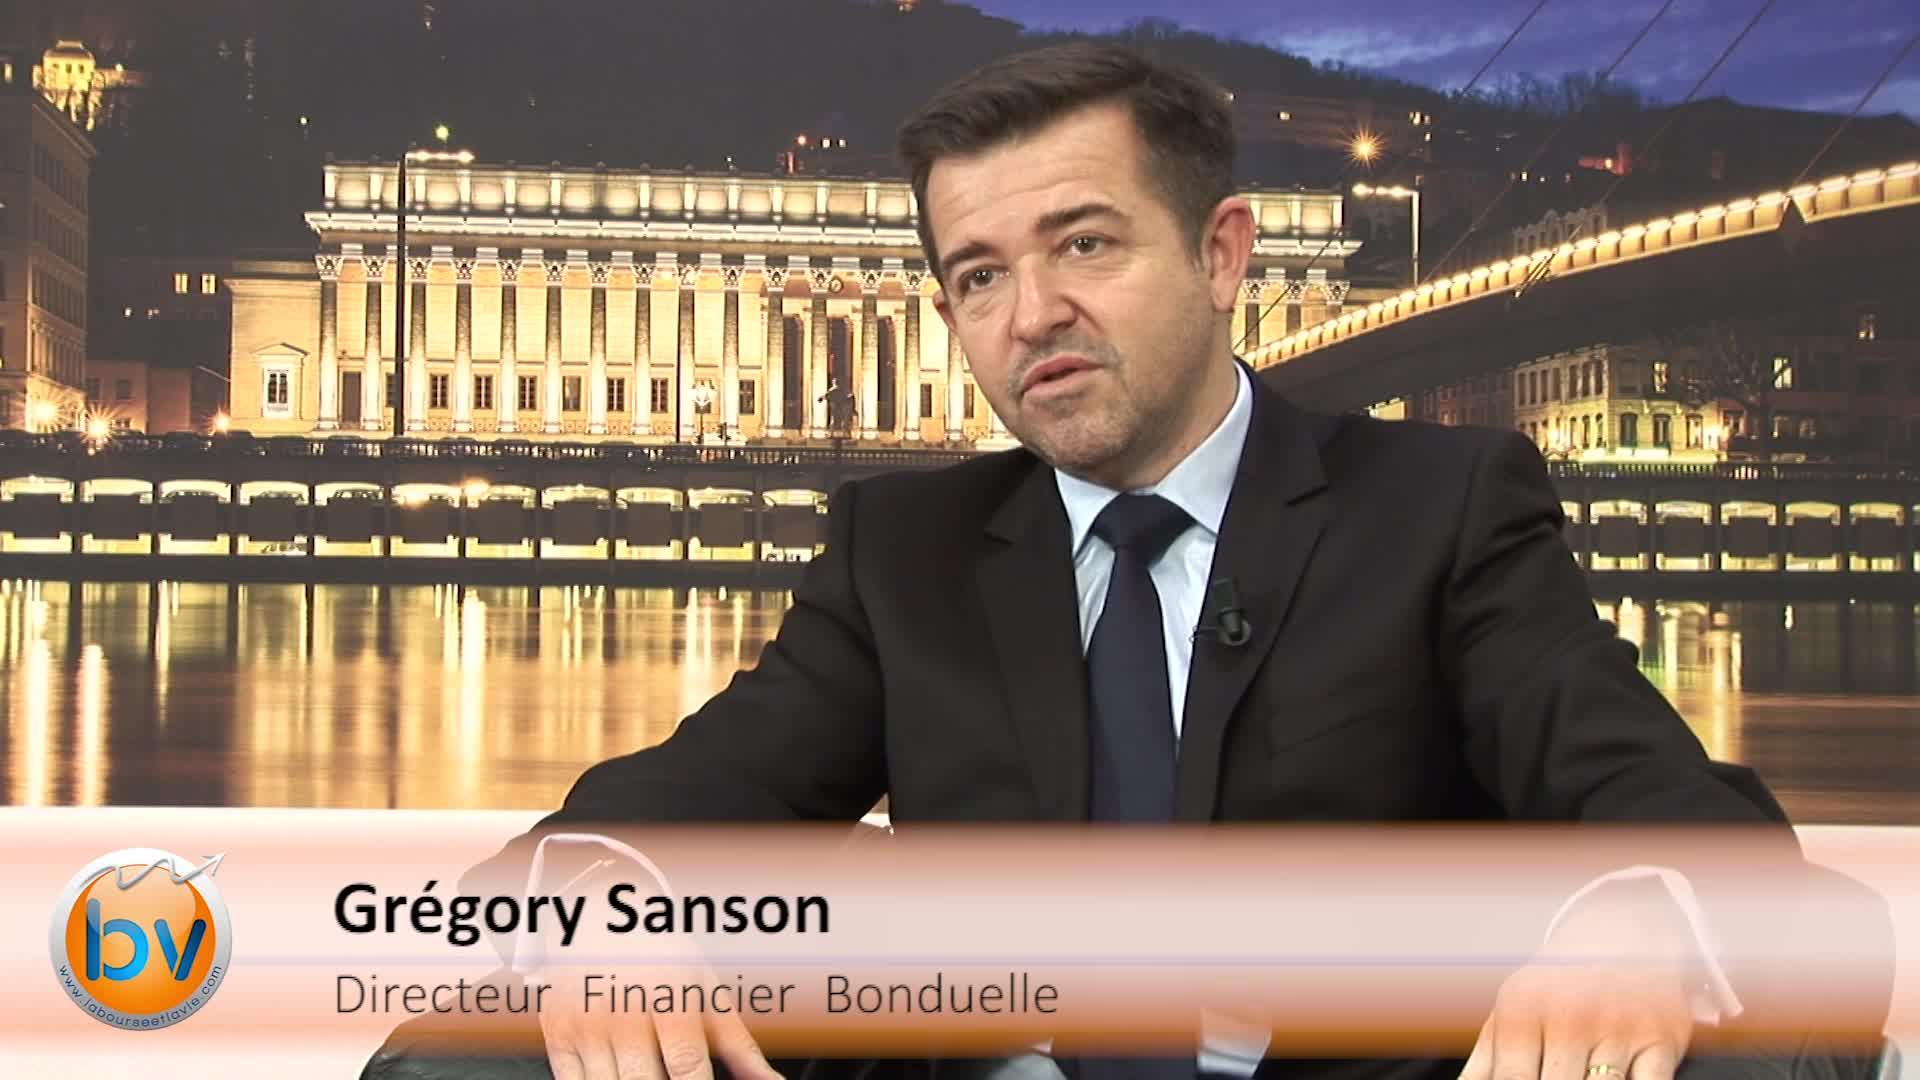 Grégory Sanson Directeur Financier Bonduelle : «Ce n'est pas d'Europe que viendra la croissance»